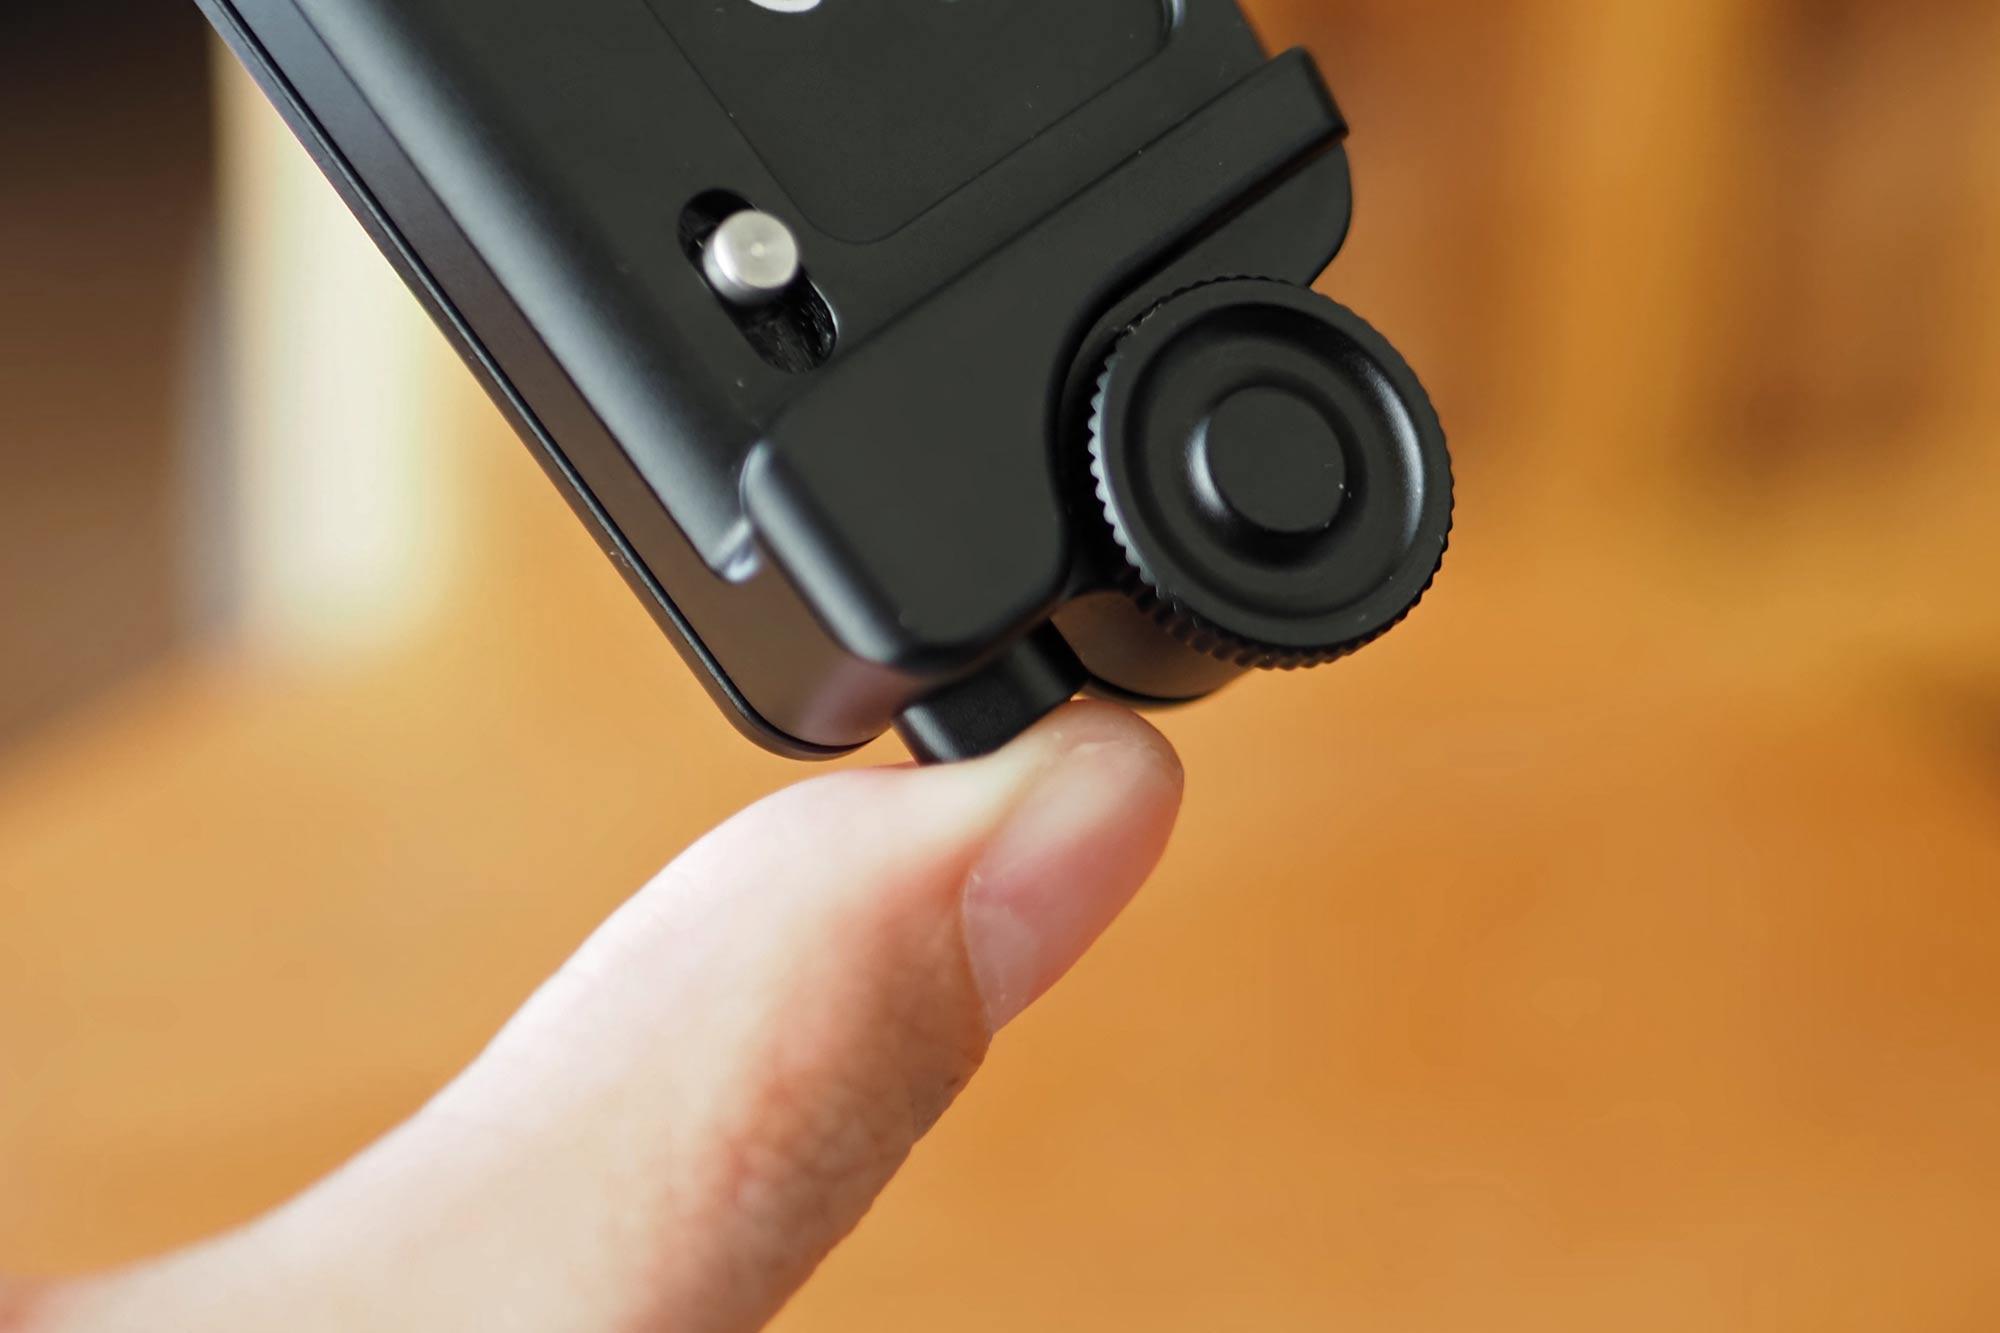 カメラホルスター,SWFOTO,ミラーレス一眼,一眼レフ,安い,コスパ,軽い,外しやすい